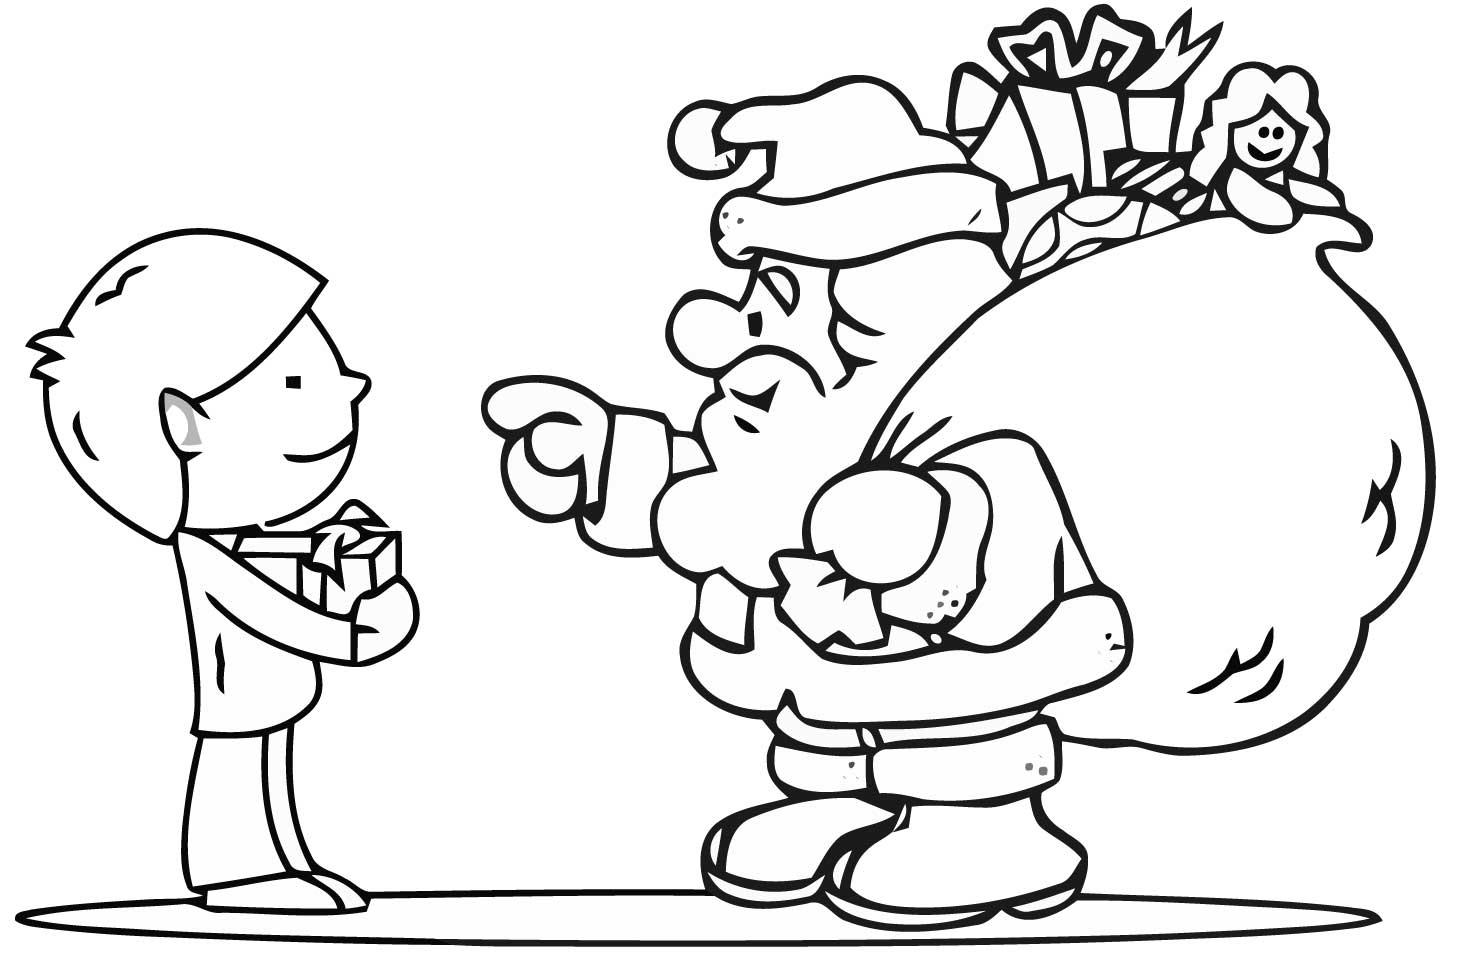 Dibujo navideño para colorear en navidad